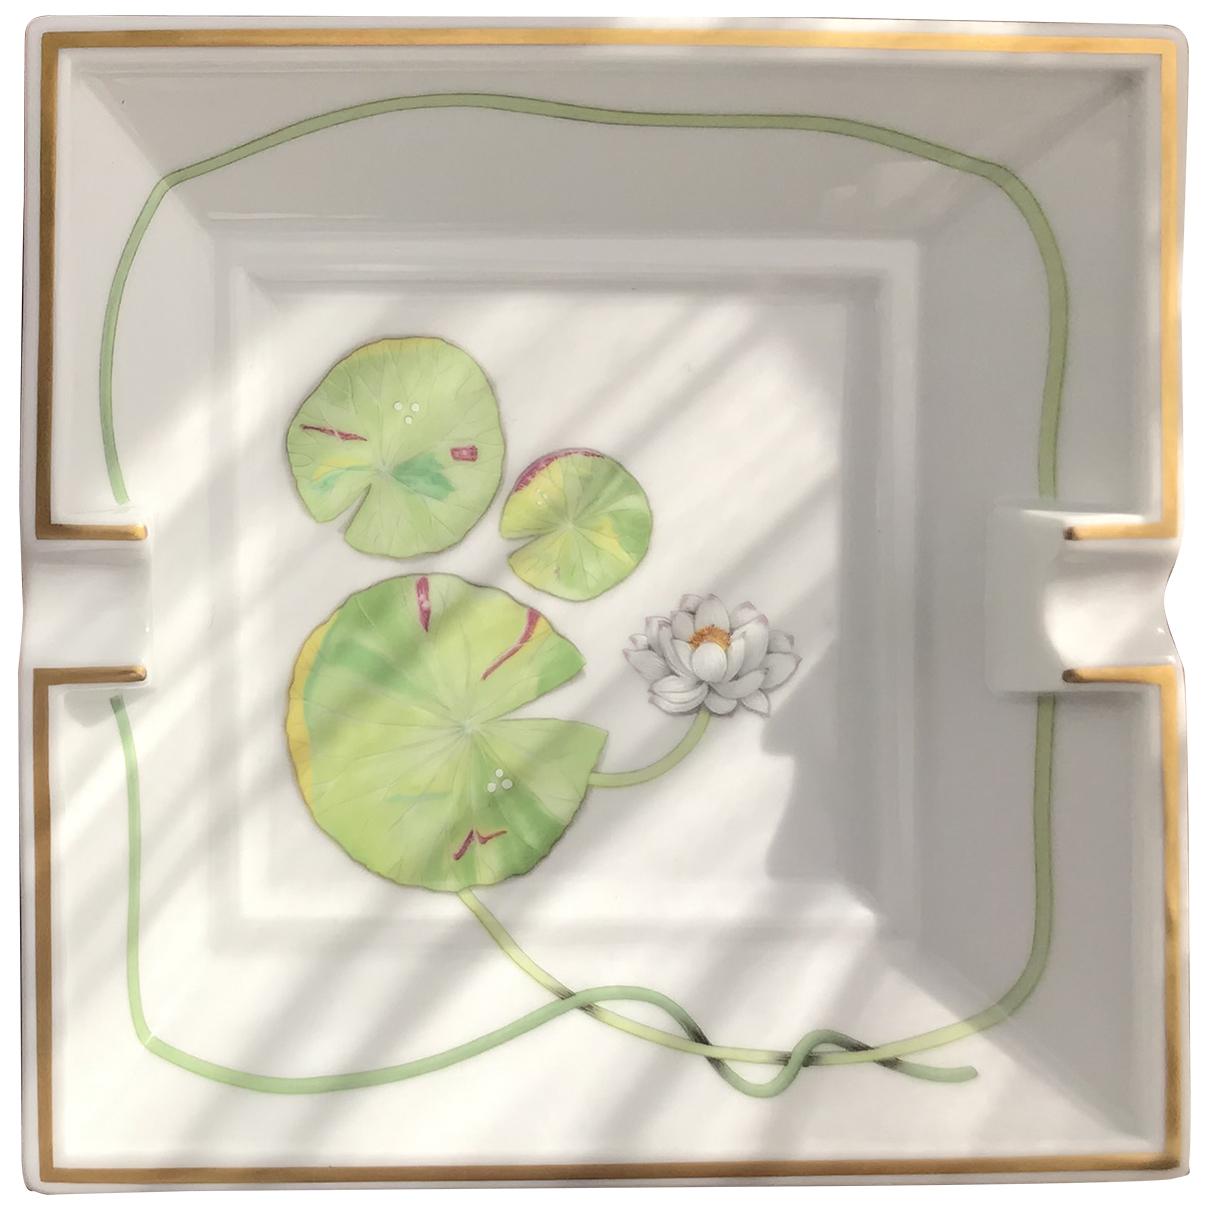 Hermes - Objets & Deco Nil pour lifestyle en porcelaine - blanc